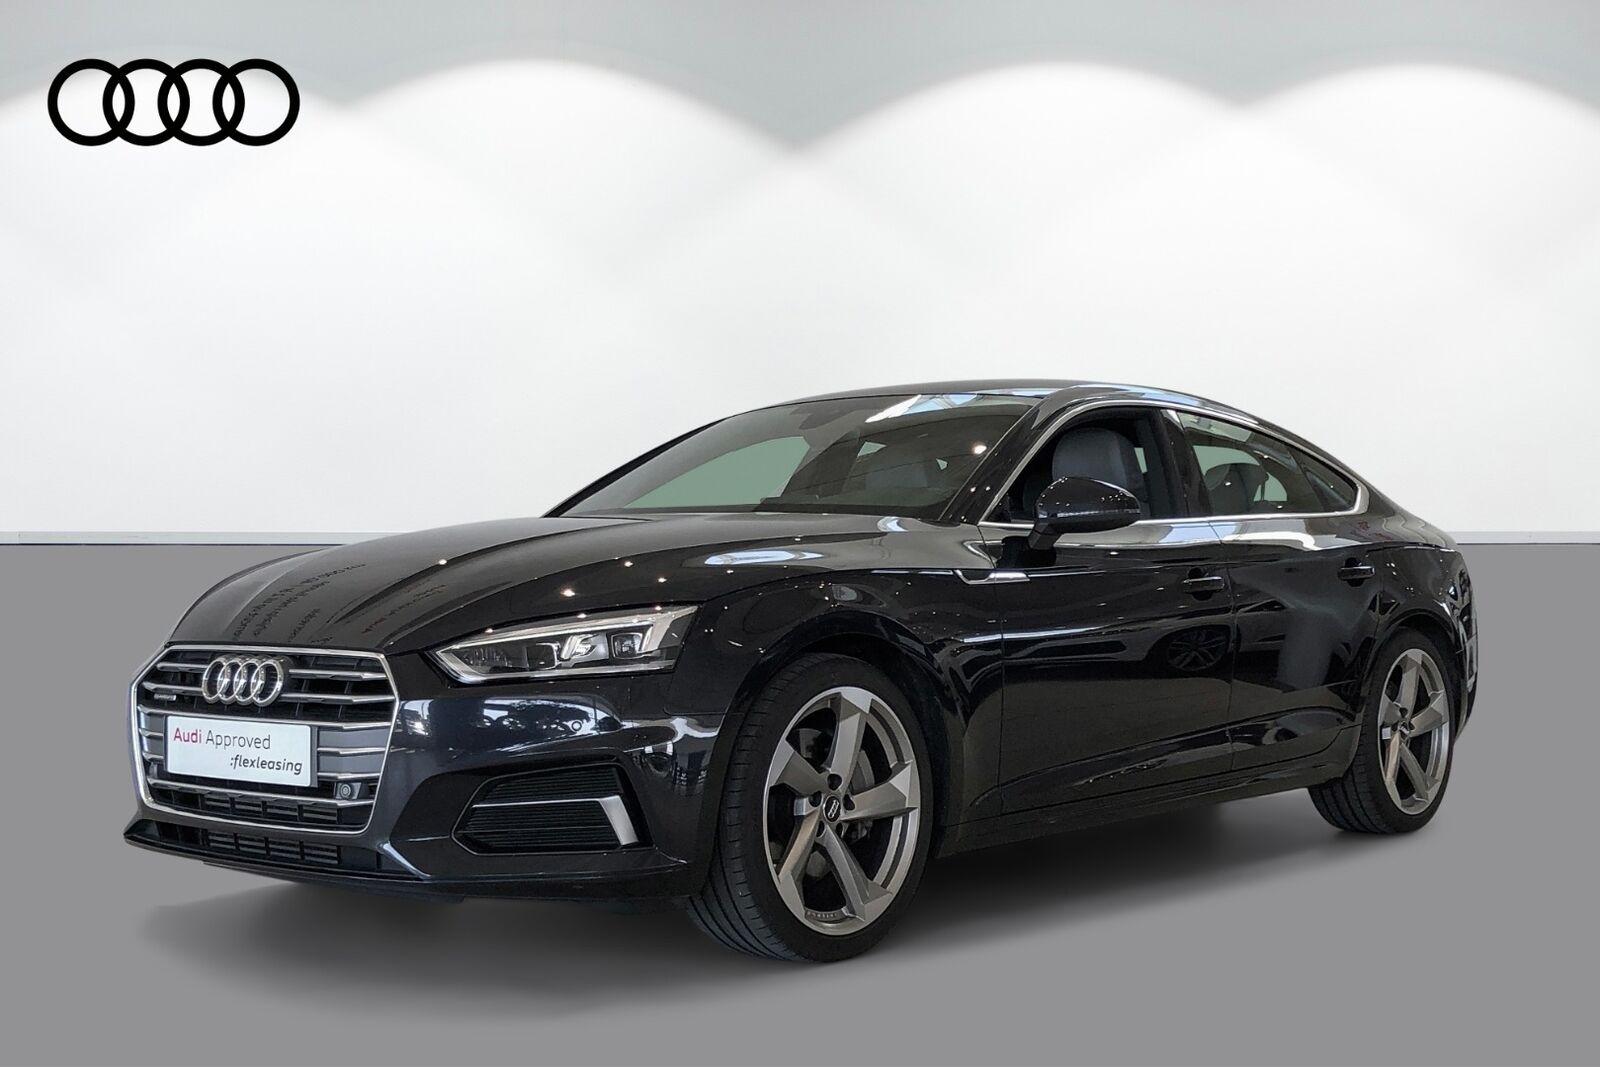 Audi A5 2,0 TFSi 252 Sport SB quat. S-tr. 5d - 2.998 kr.